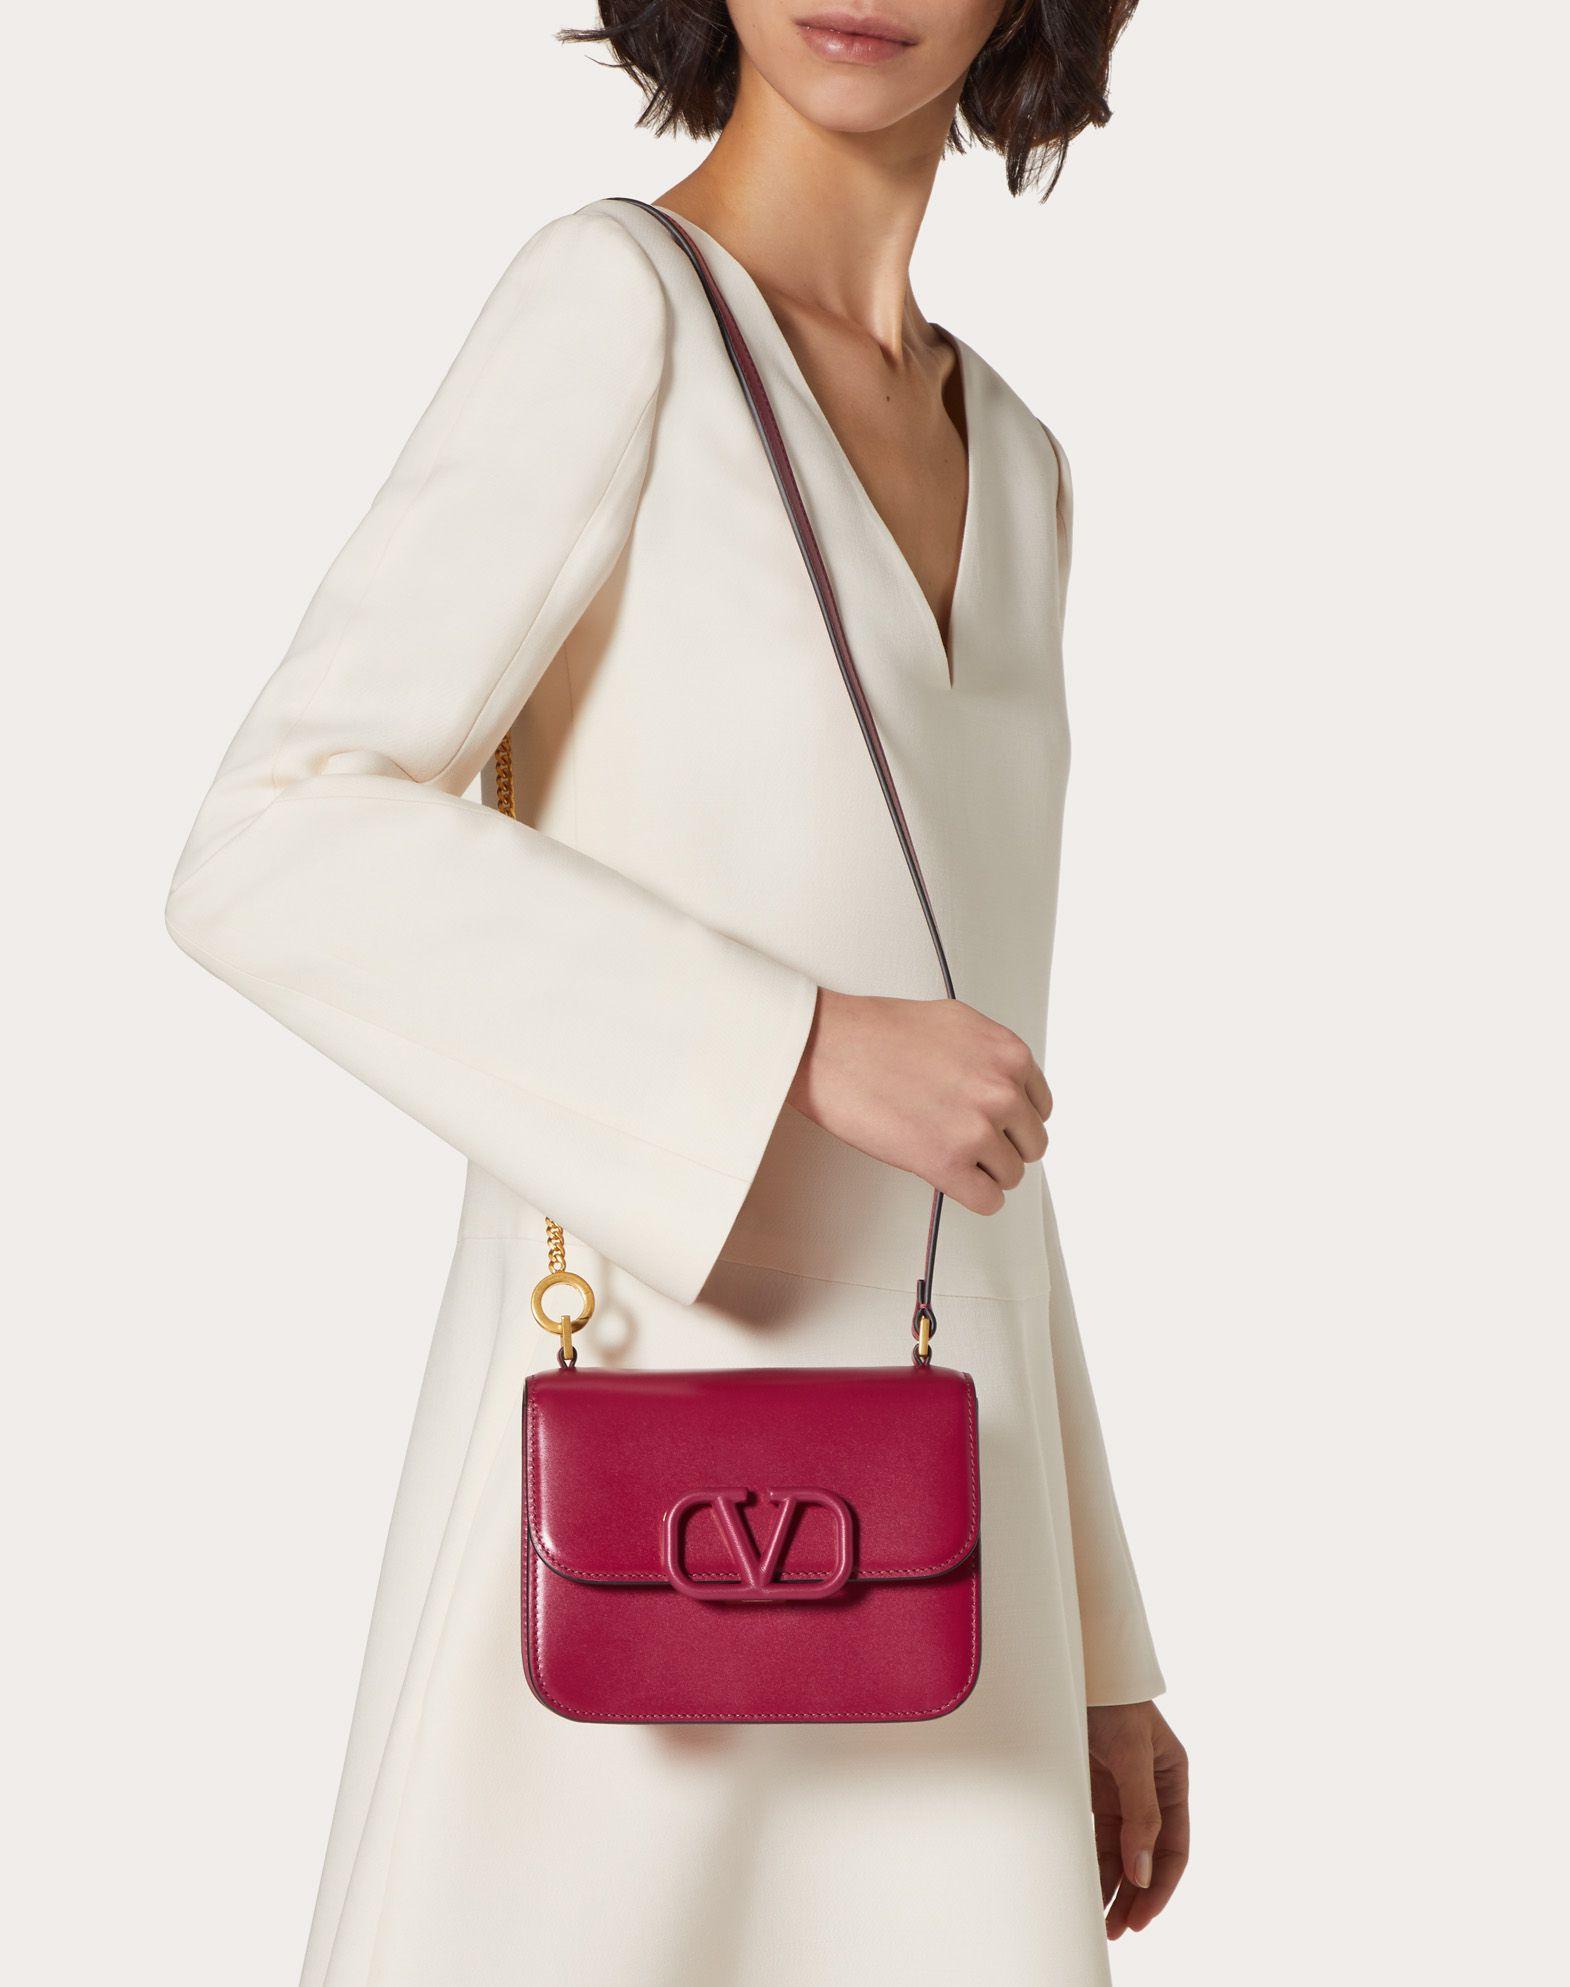 40代女性にオススメの「VALENTINO(ヴァレンティノ)」ブランドバッグ